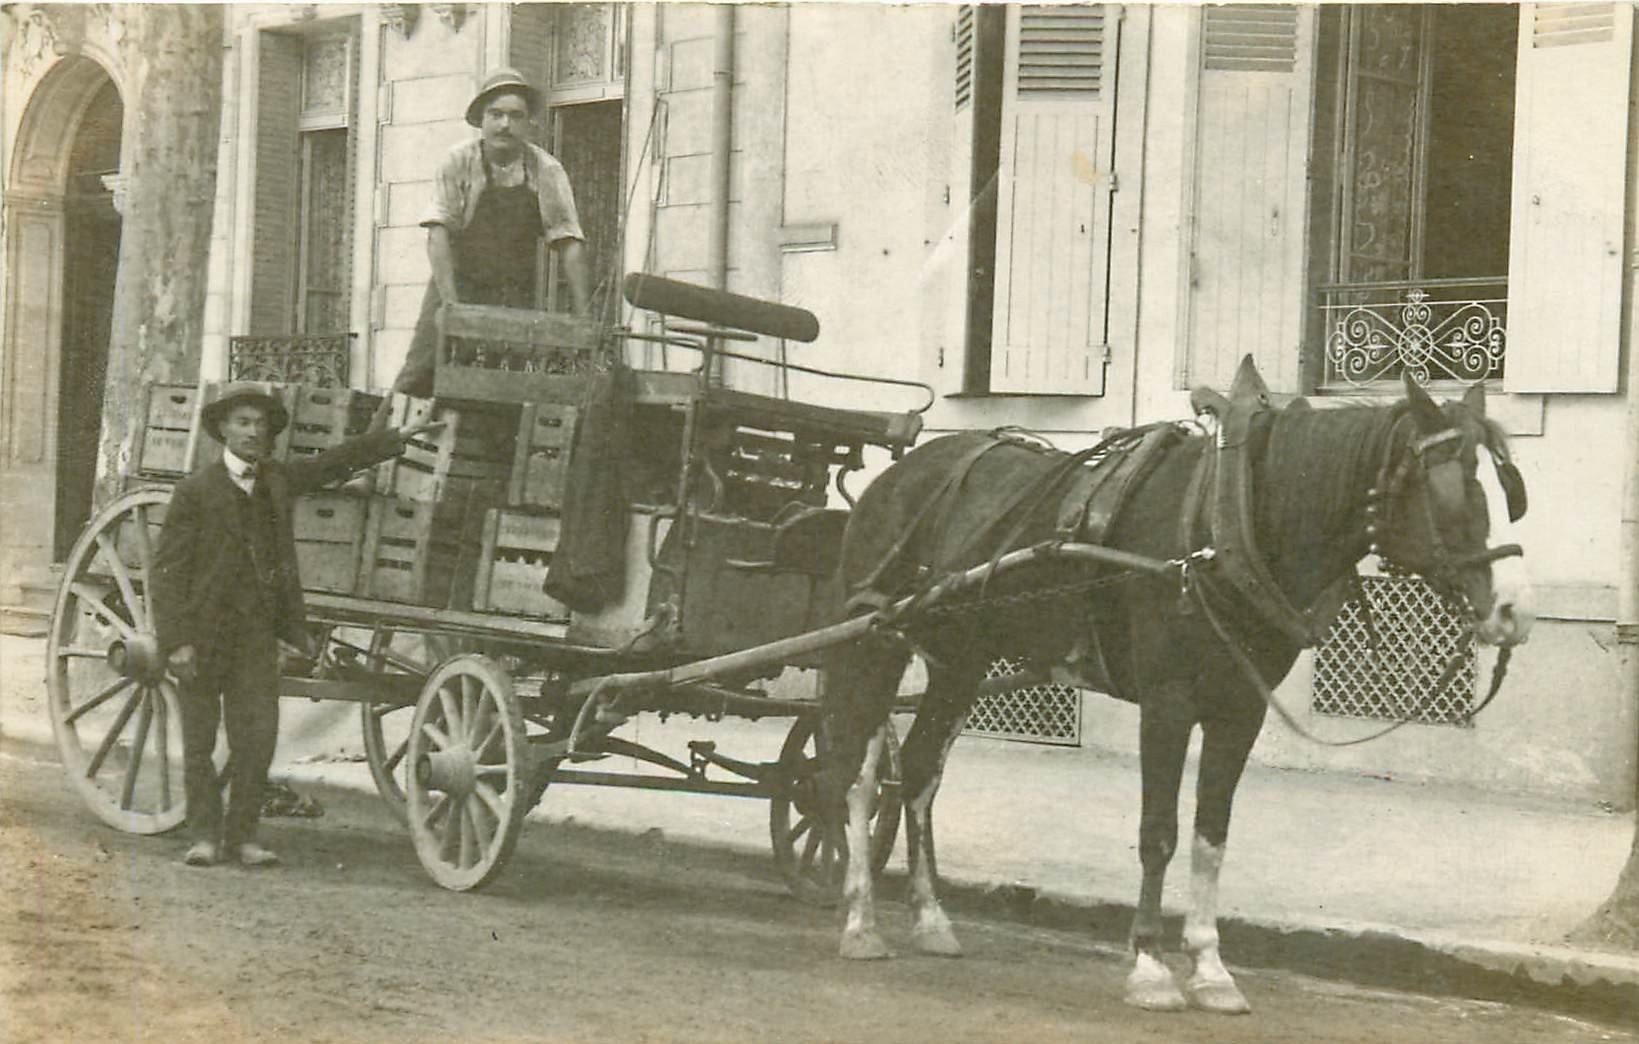 Transports et Métiers. Bel attelage pour livraisons de vins. Artisan Livreur et Cheval vers 1910